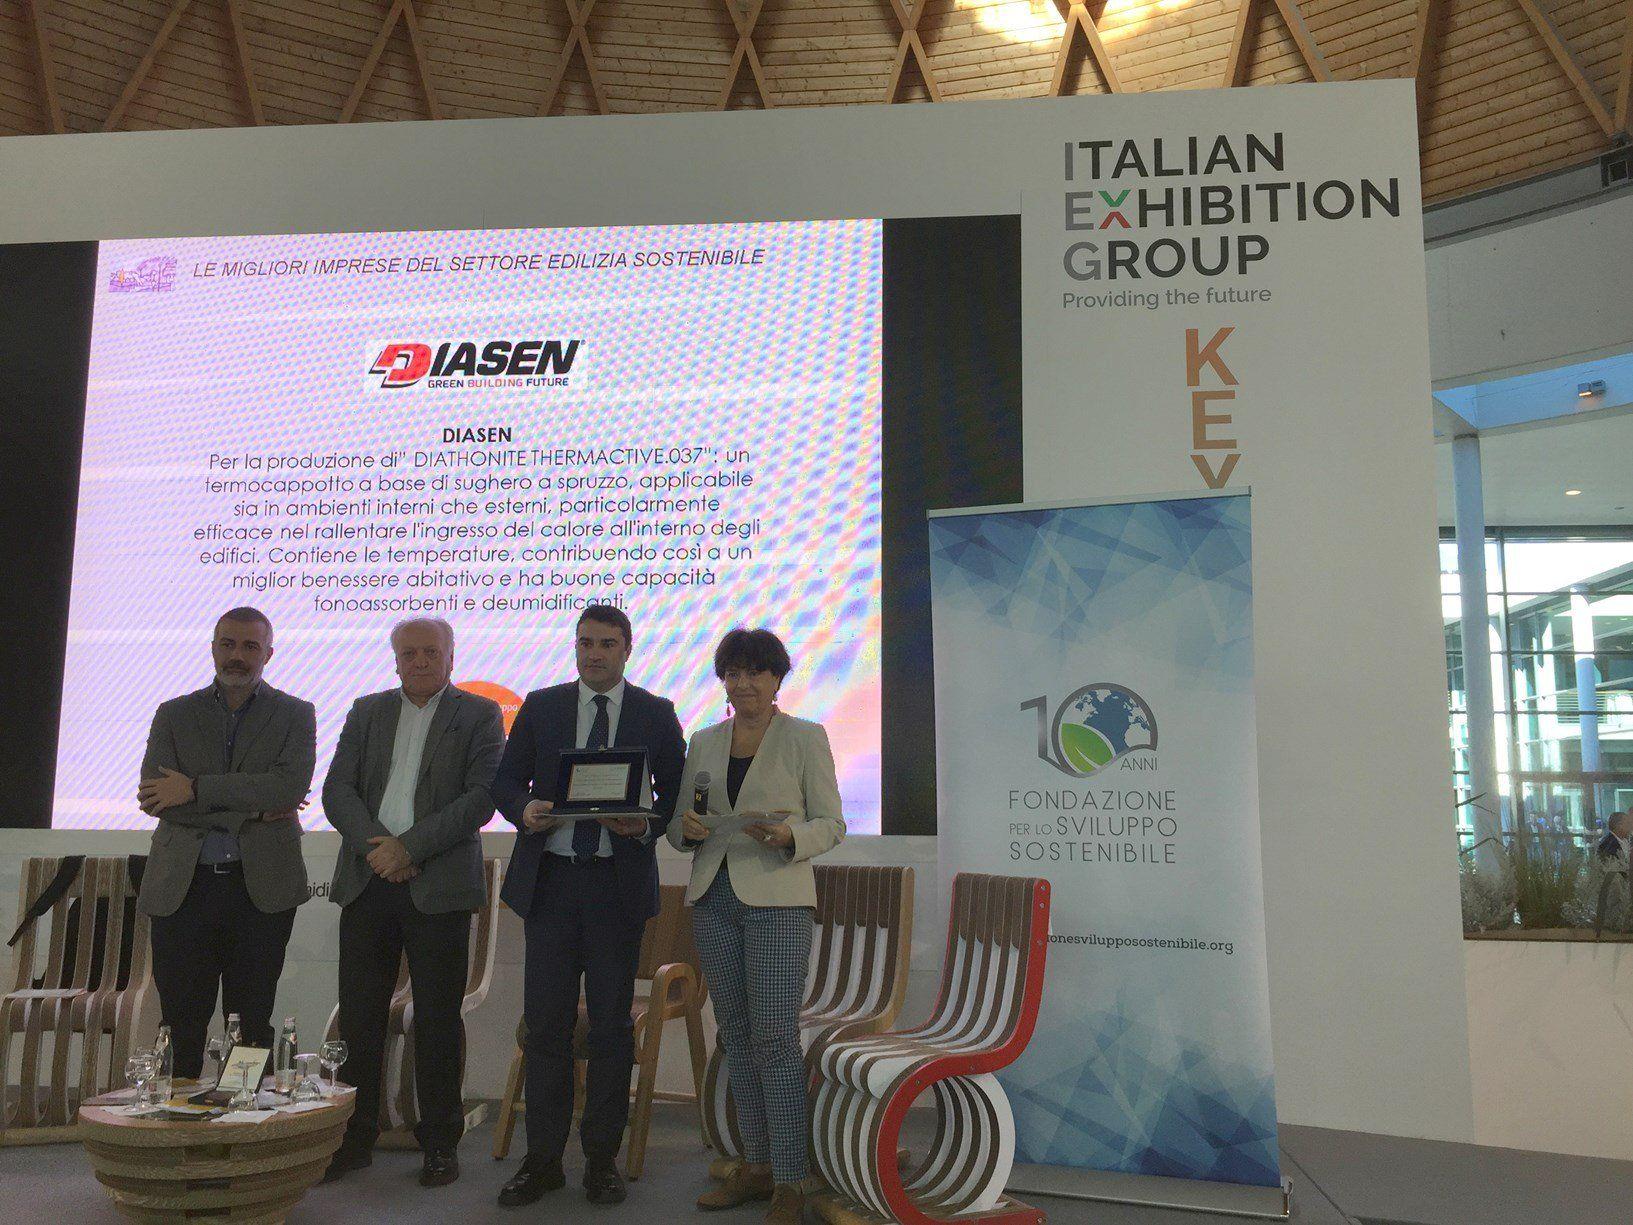 Diasen premiata ad Ecomondo come eccellenza italiana nel settore dell'edilizia sostenibile